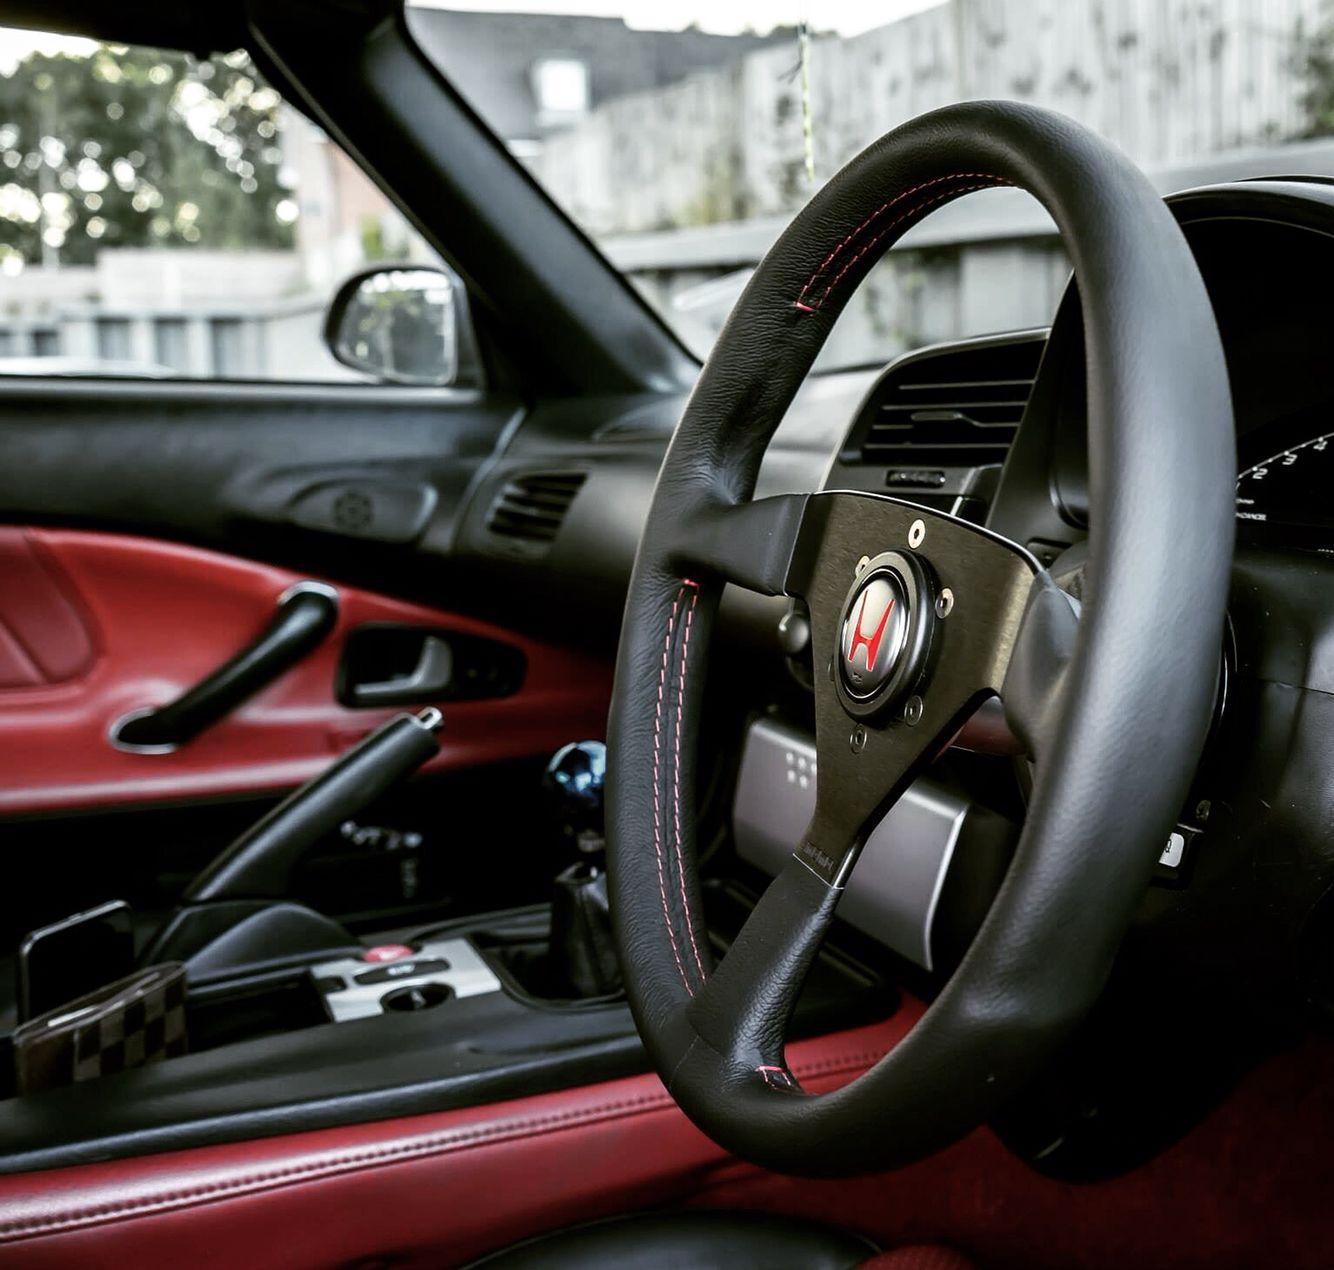 Nsx Horn With Spoon Steering Wheel Bike Toy Steering Wheel Nsx